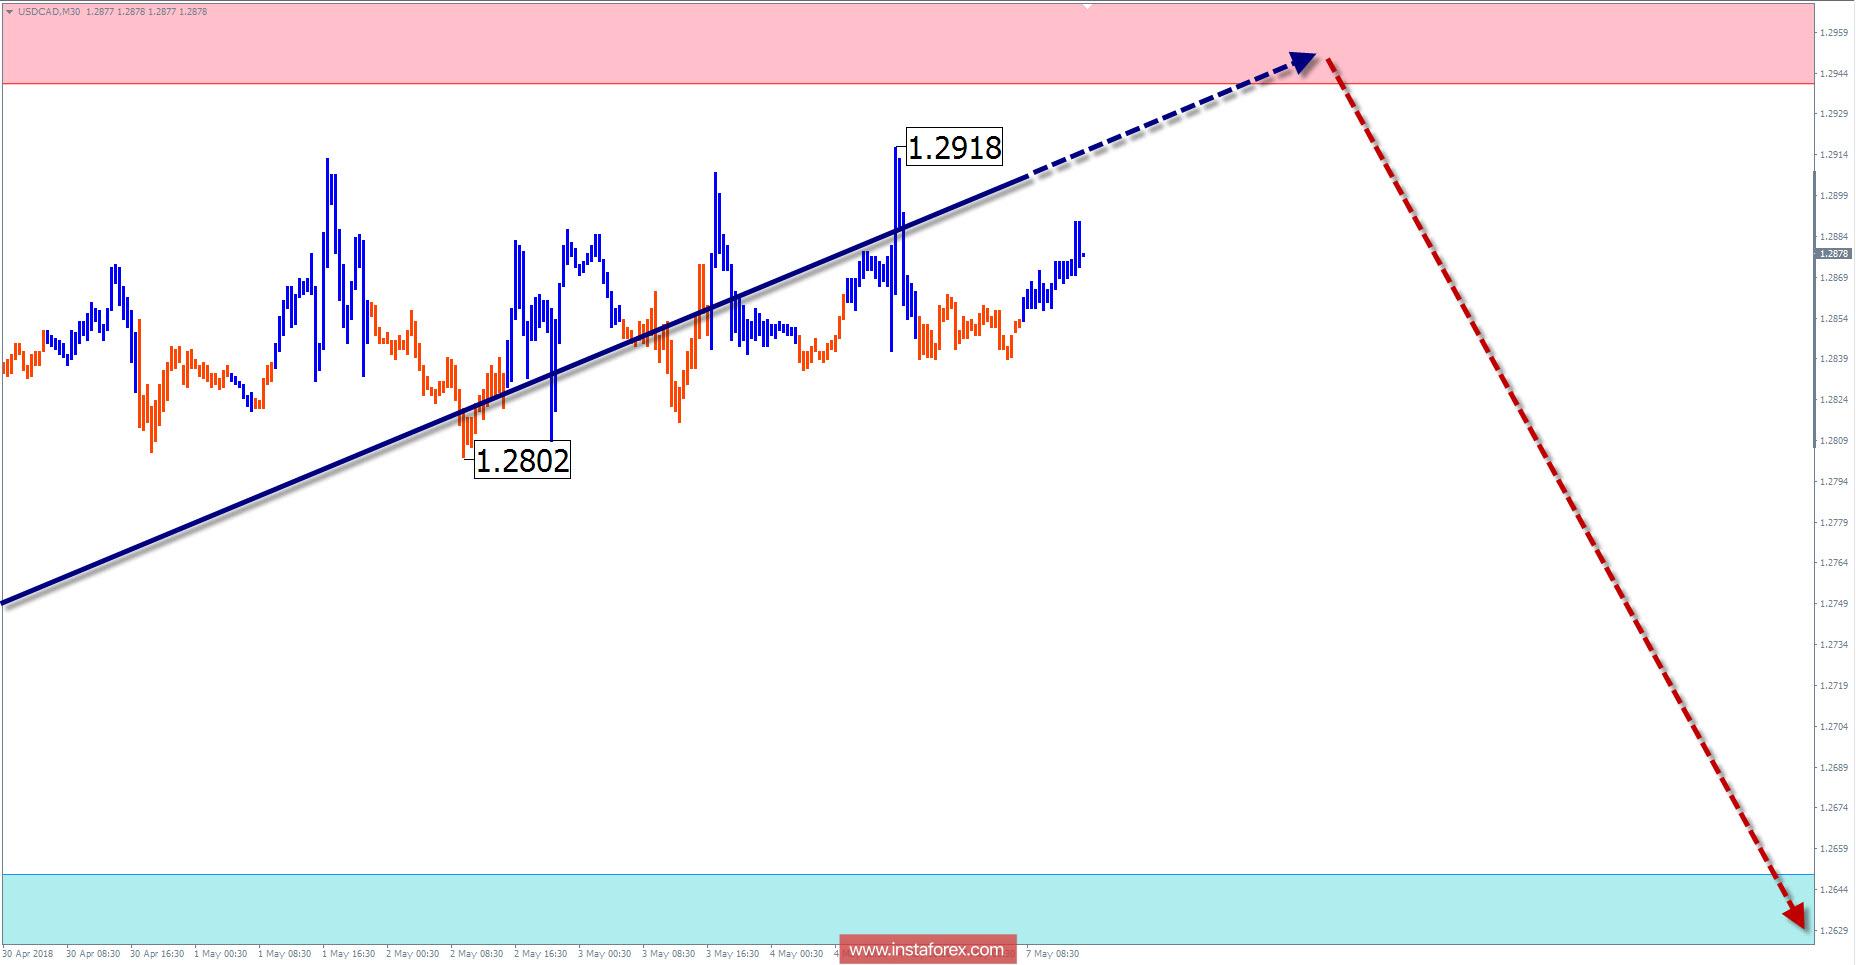 Недельный обзор USD/CAD от 7 мая по упрощенному волновому анализу